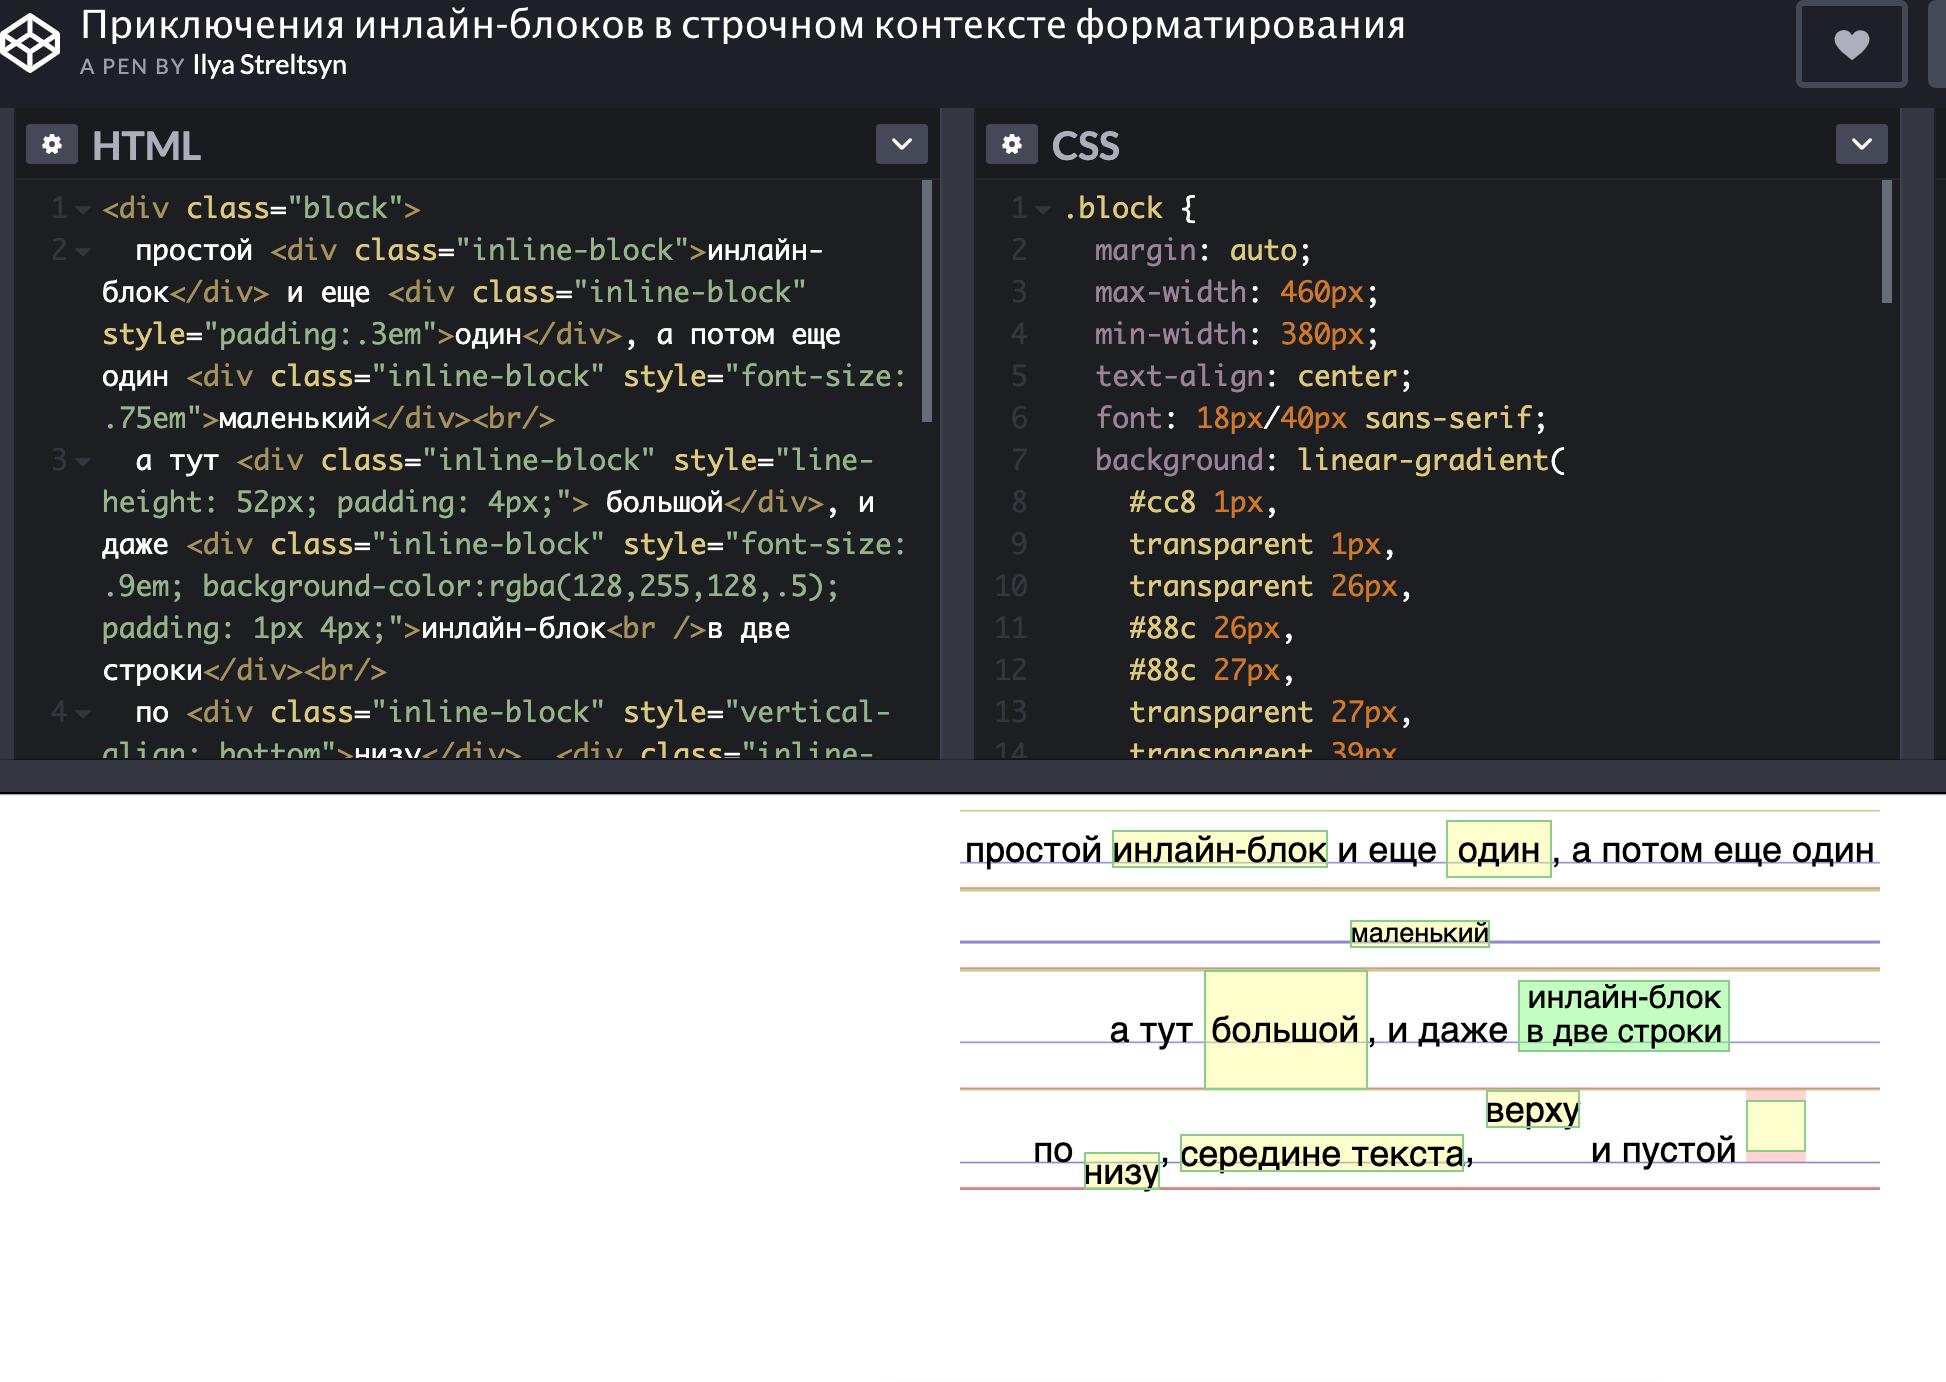 Удивительный и неизвестный inline-block